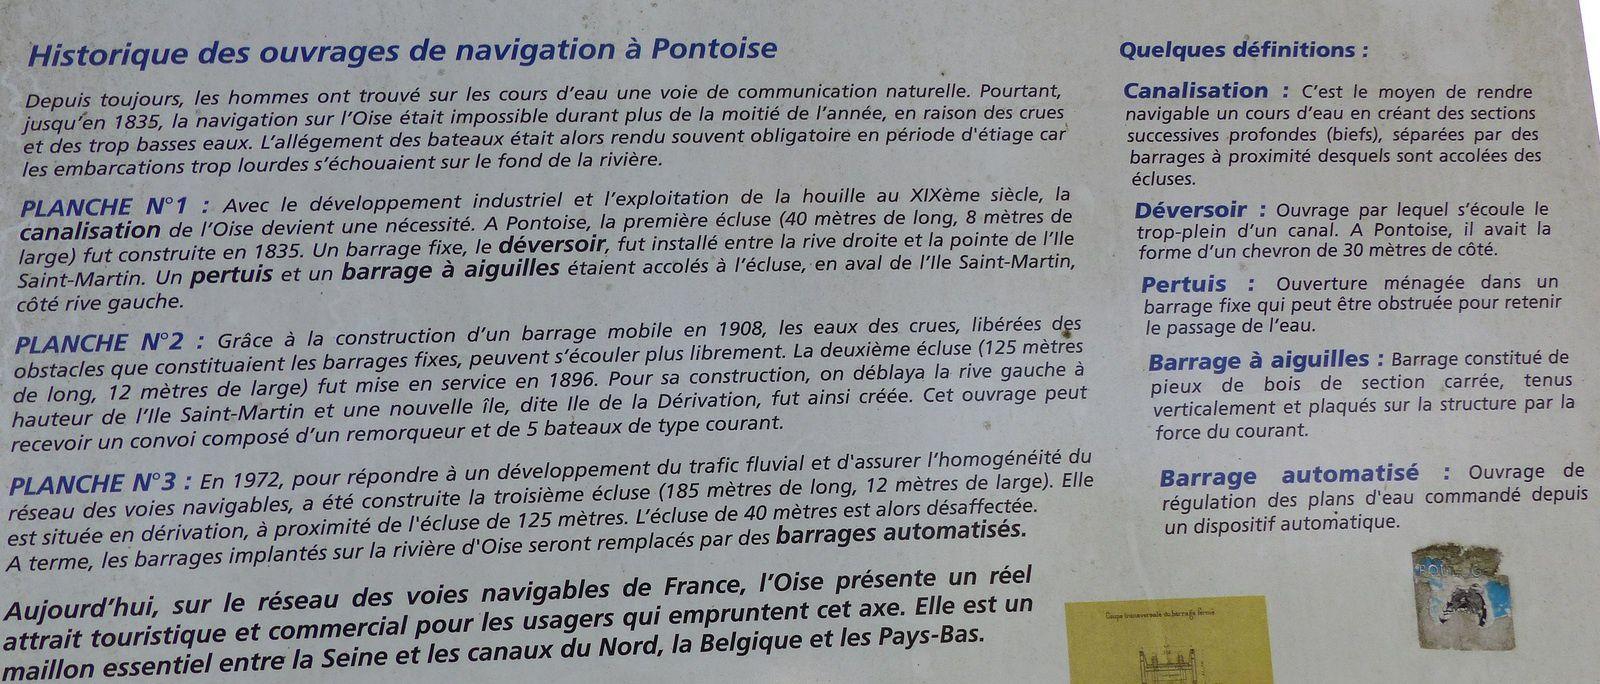 Historique des ouvrages de navigation à Pontoise